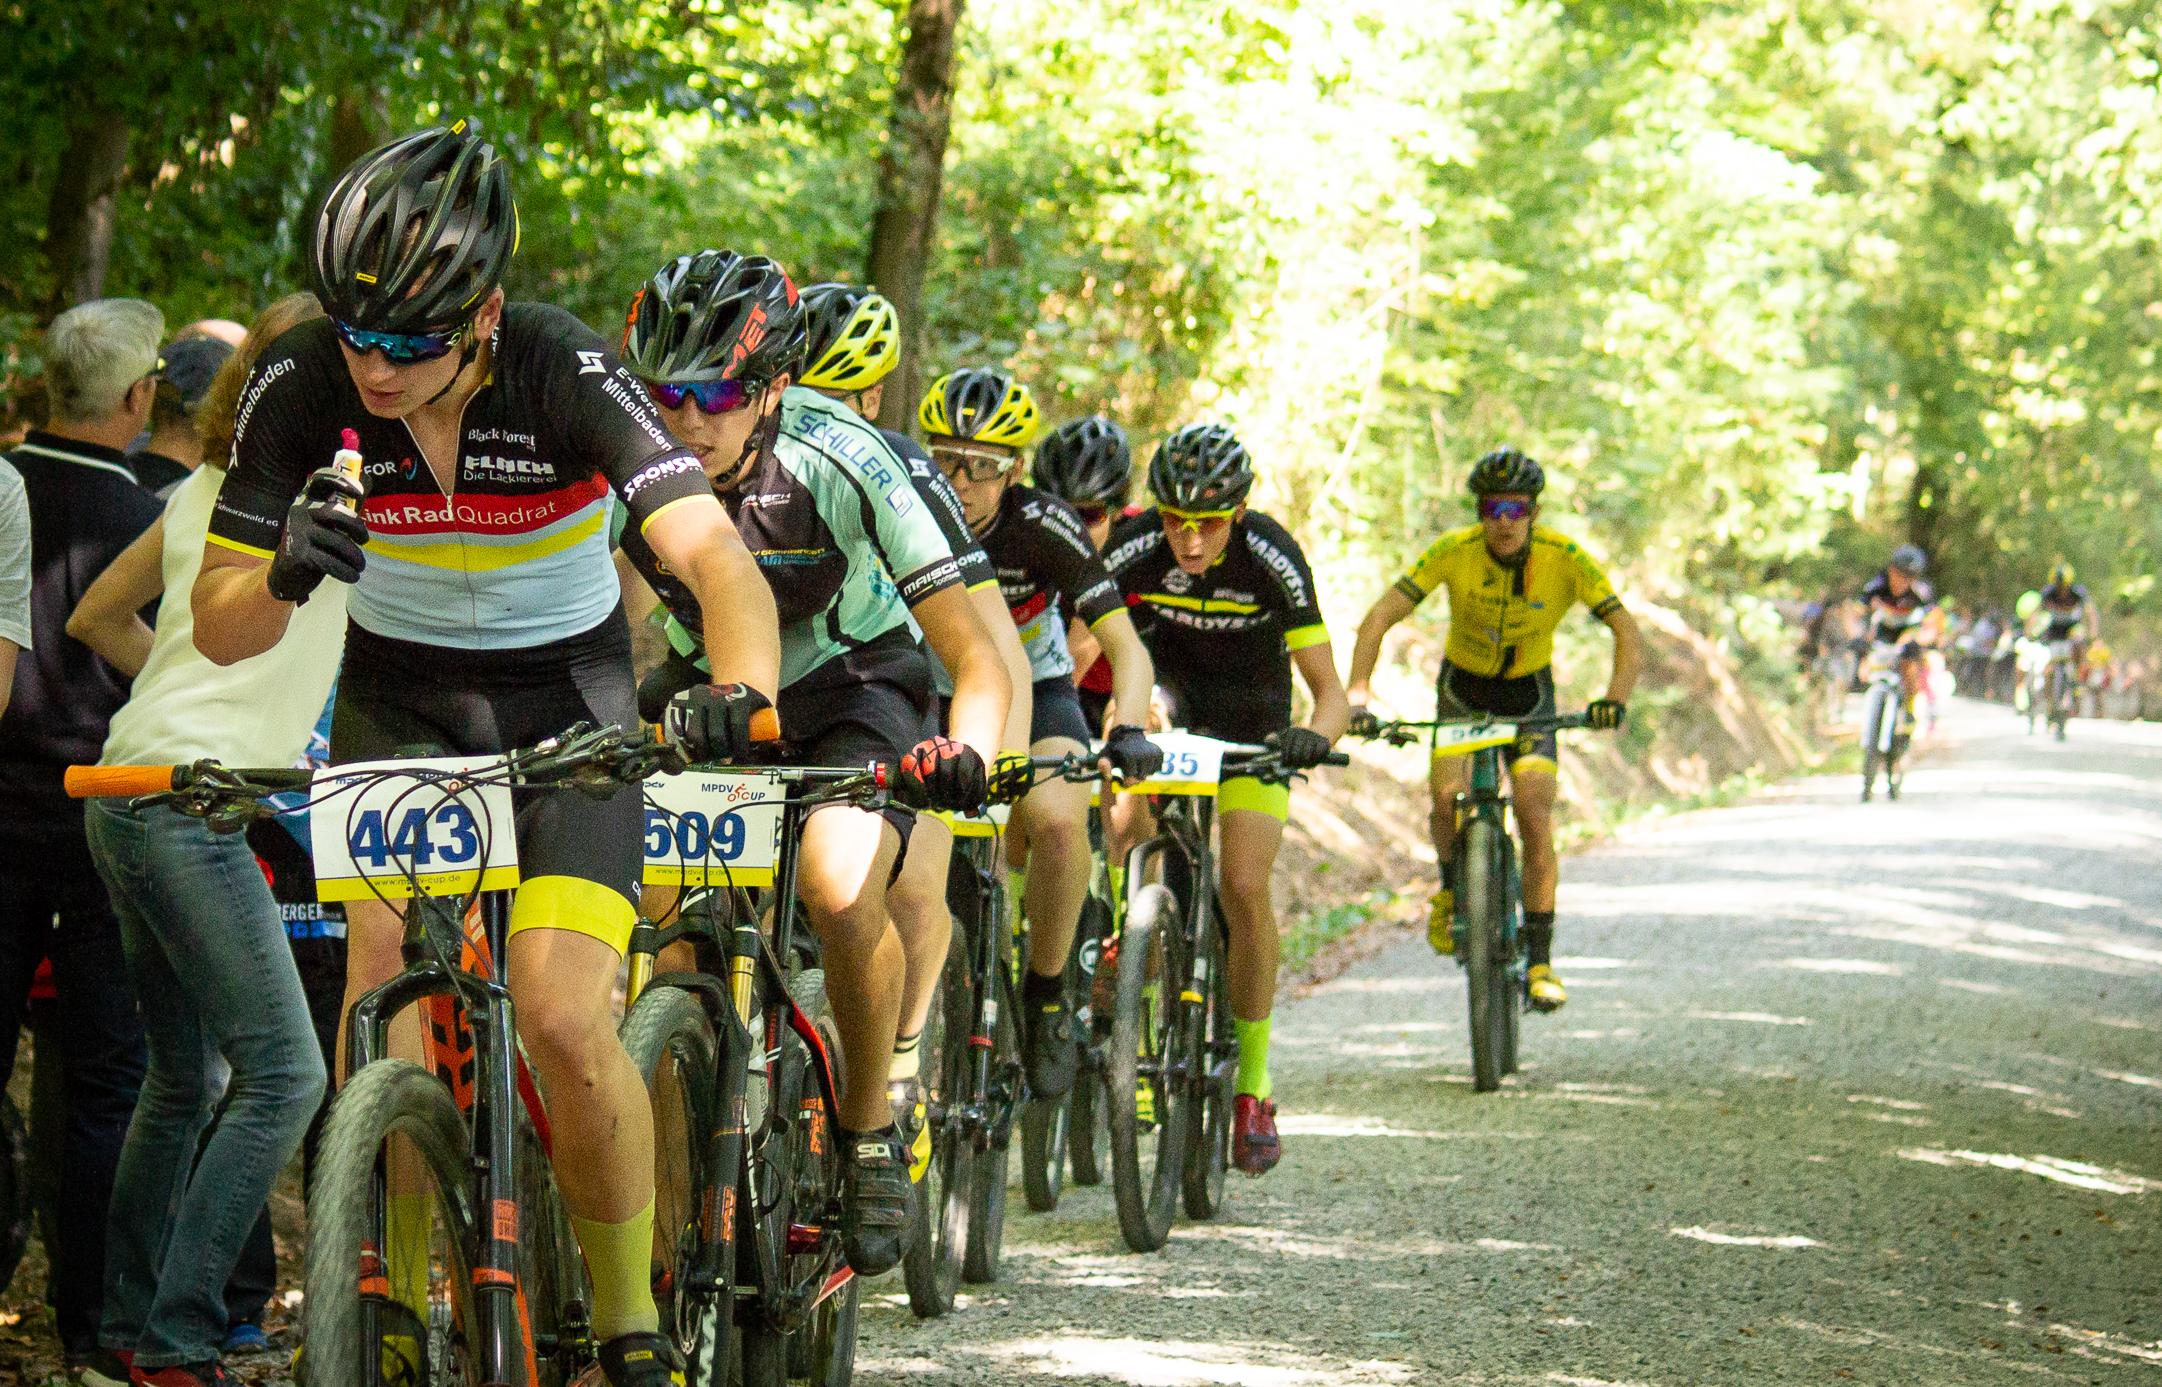 Radmarathon-Etappenfahrten-Breitensport-2019-Termine